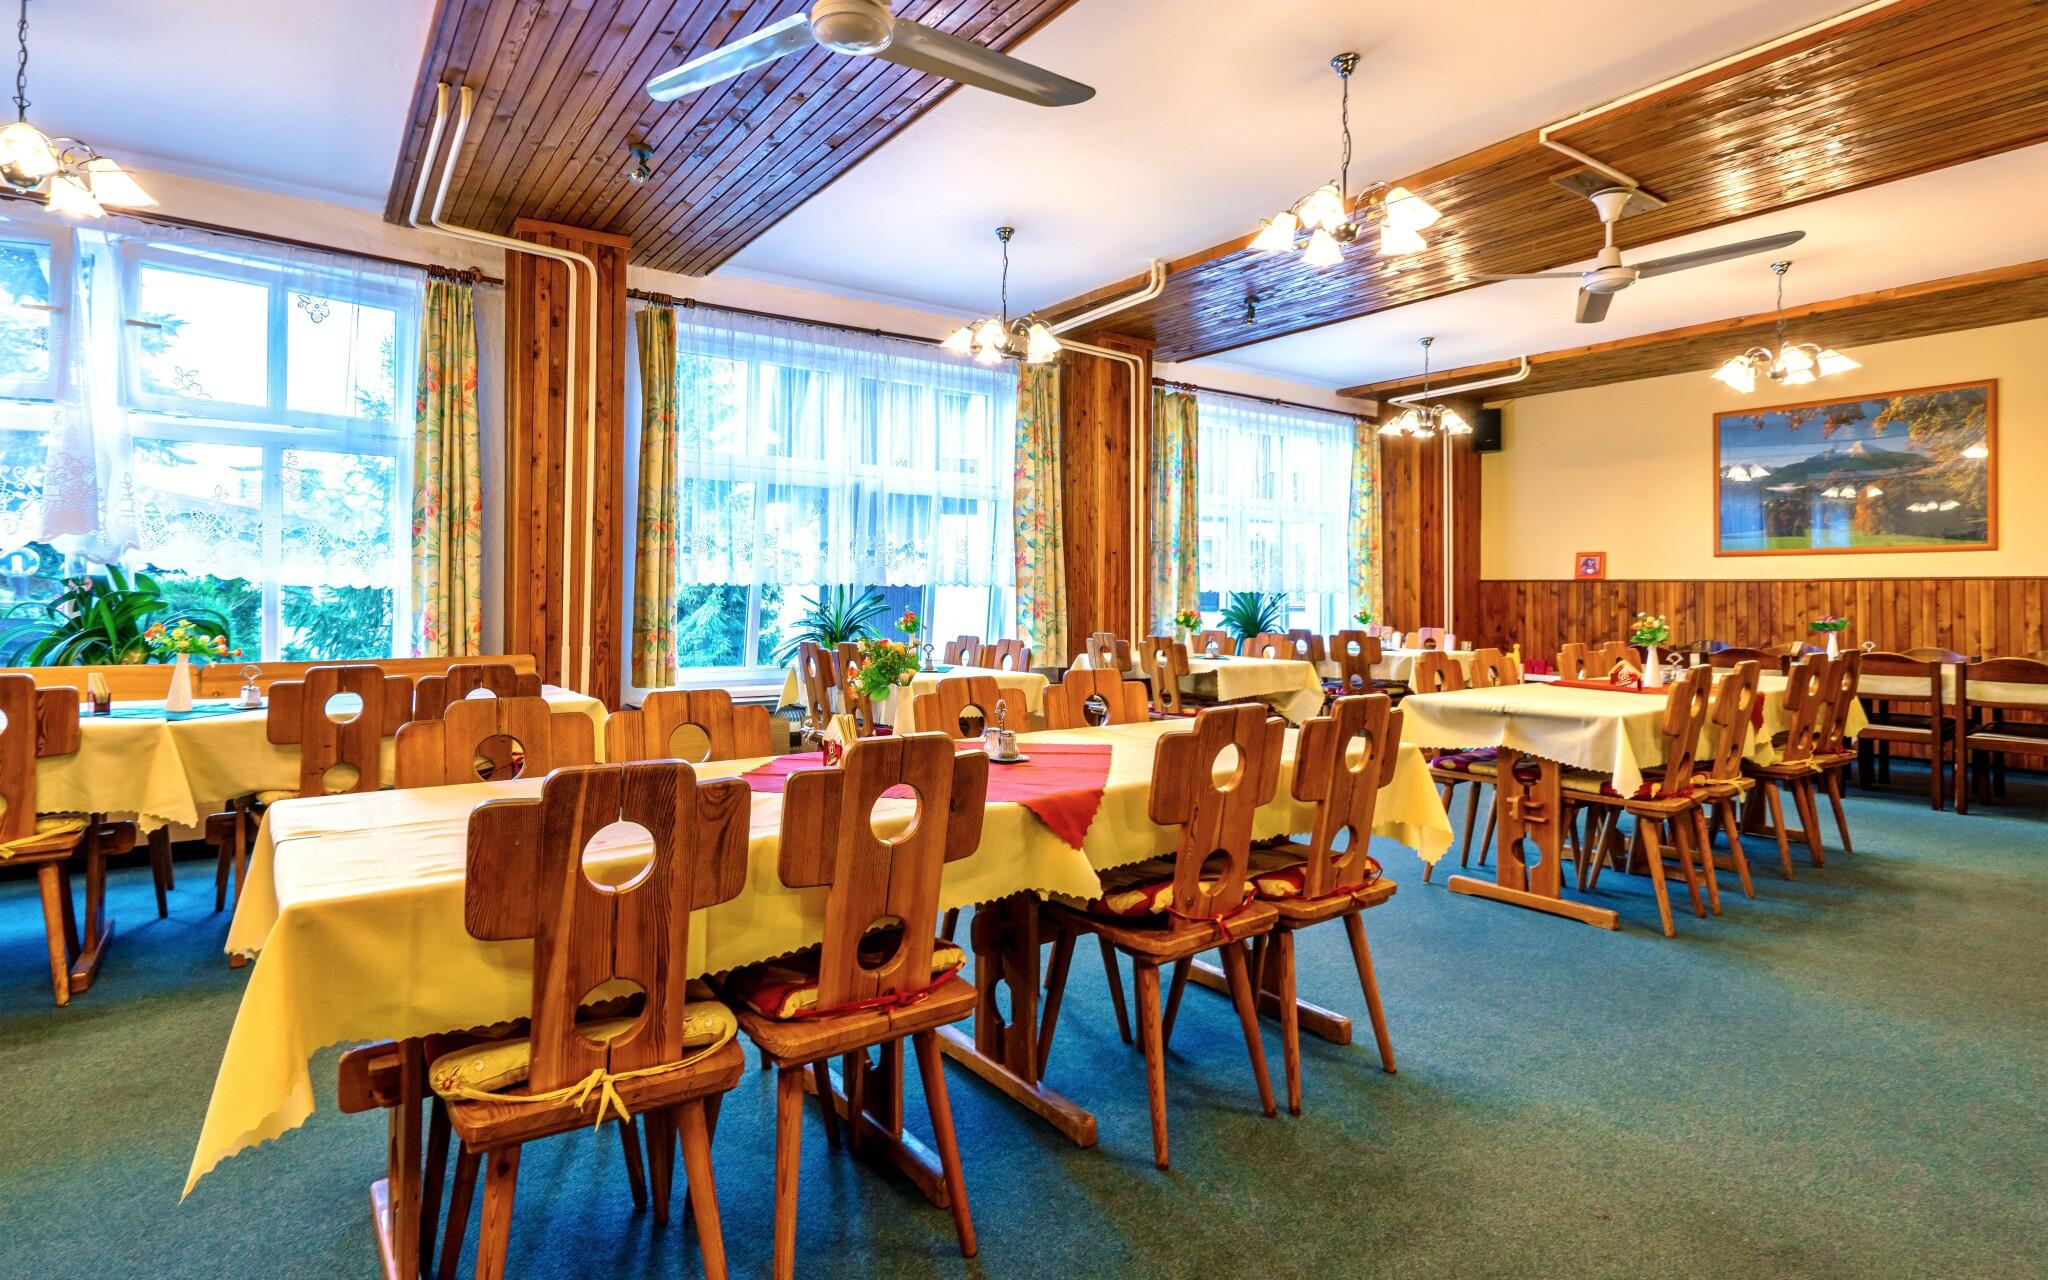 Reštaurácia, raňajky či polpenzia, Hotel Kolibřík na Šumave